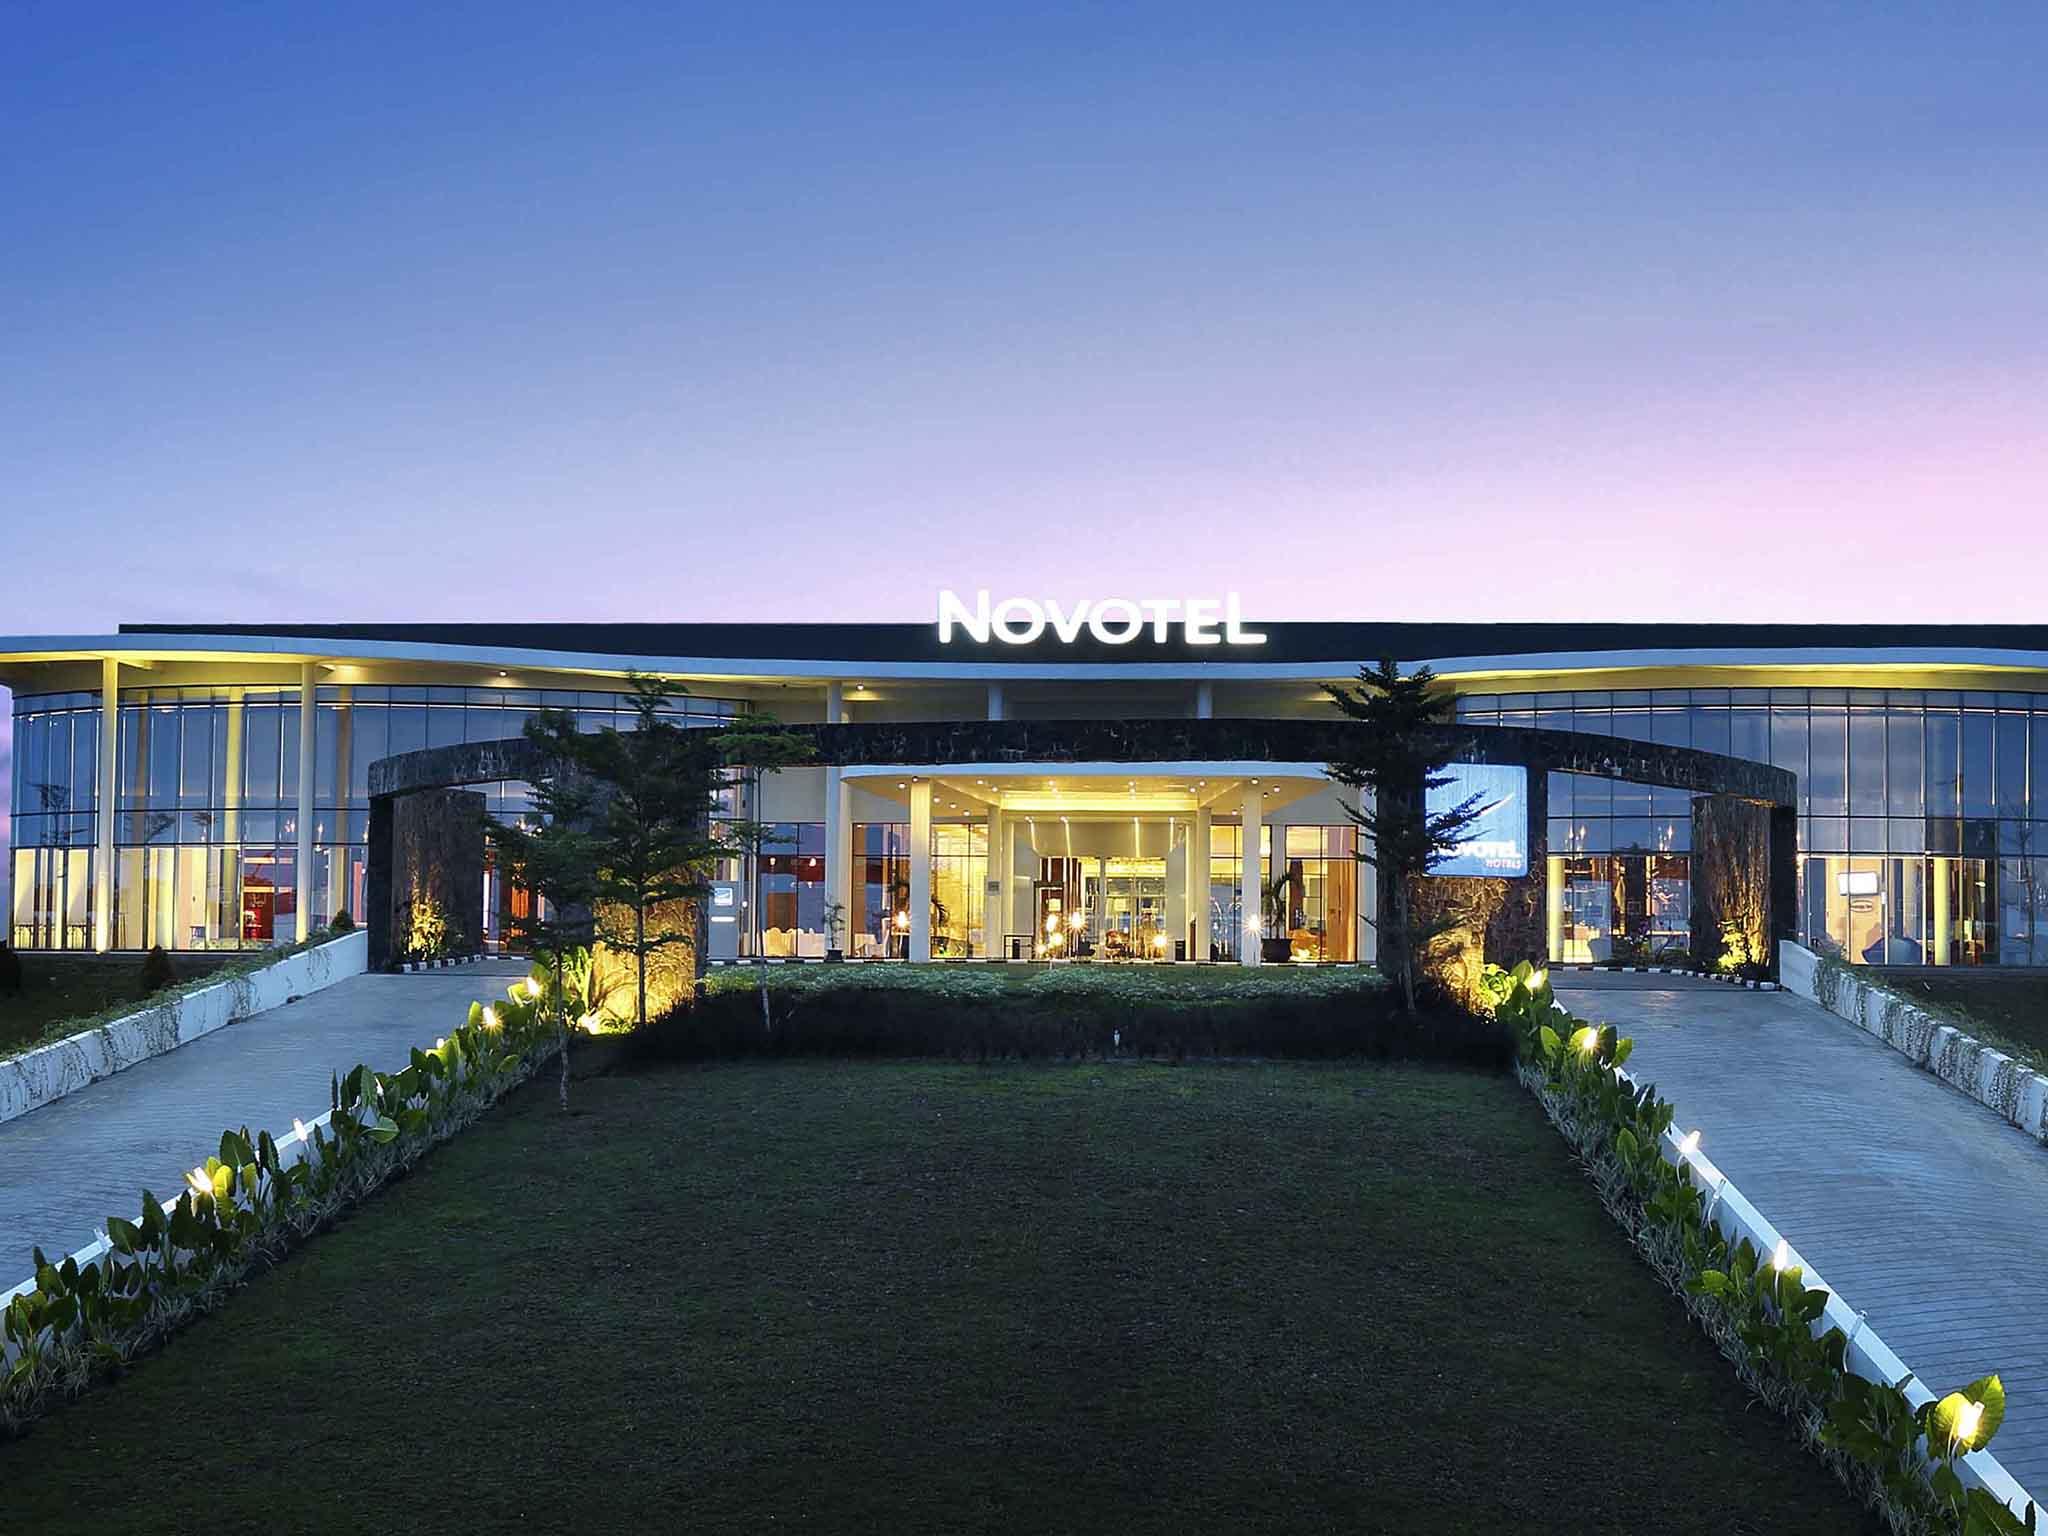 hotel in banjarmasin novotel banjarmasin airport rh accorhotels com hotel di banjarmasin yang dekat bandara hotel murah di banjarmasin dekat bandara